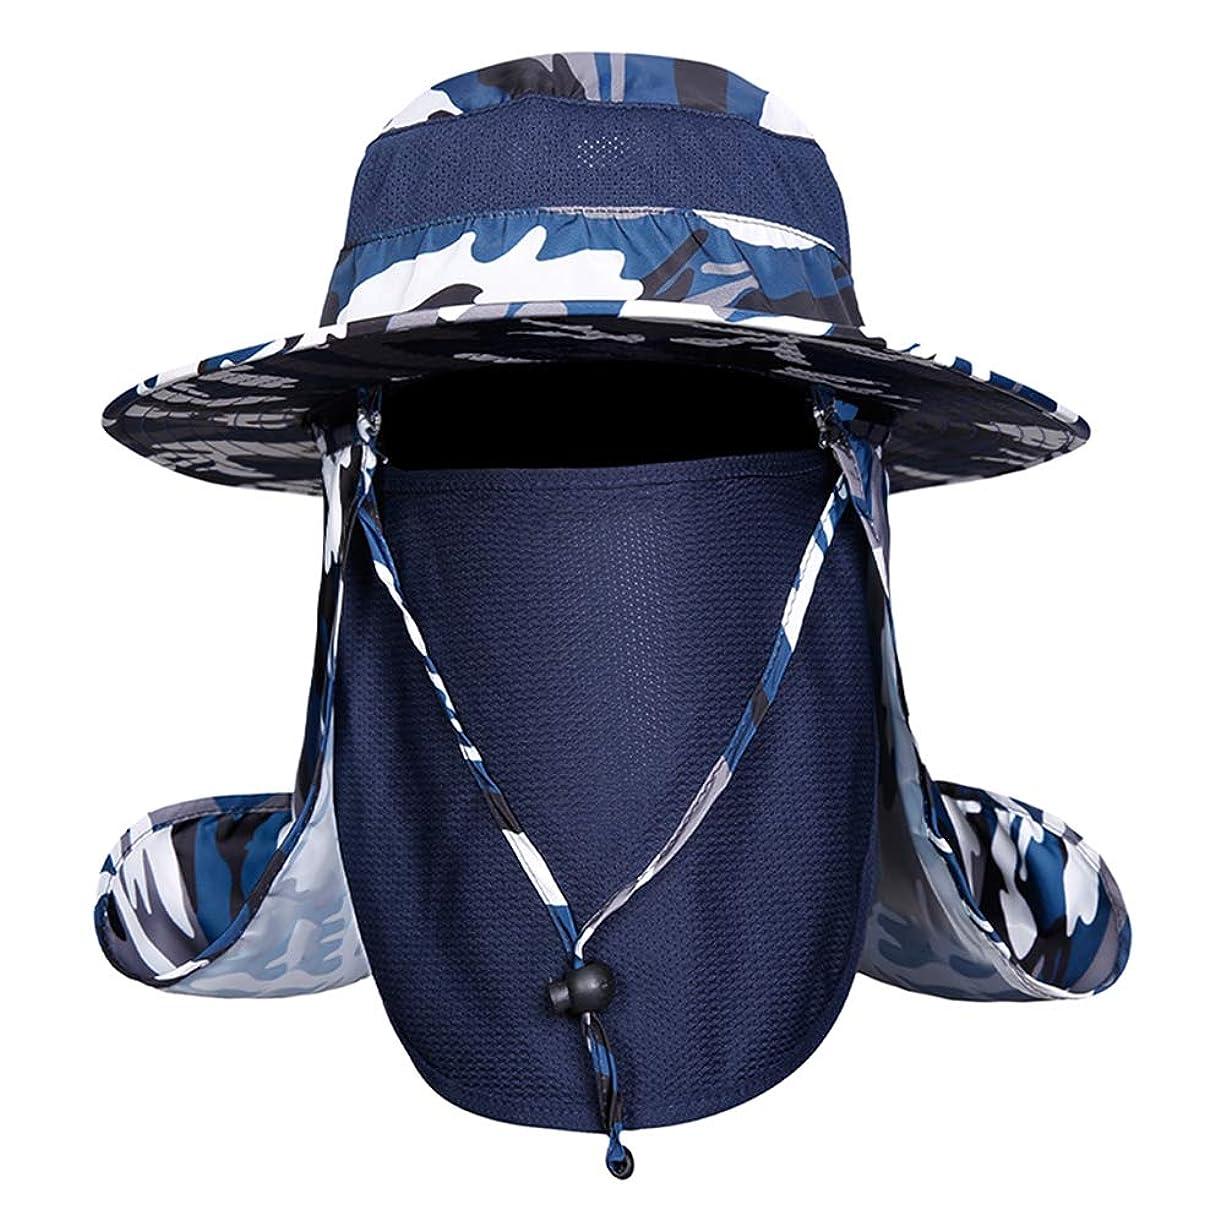 薬を飲む献身フィラデルフィアOxsOy Wander G 釣り用帽子 メンズ レディース アウトドア サンキャップ UPF 50+ 紫外線保護 取り外し可能なネックフラップ付き フェイスカバーマスク 防風ストリップ アウトドアスポーツ&旅行用サンハット (ブルーカモフラージュ)